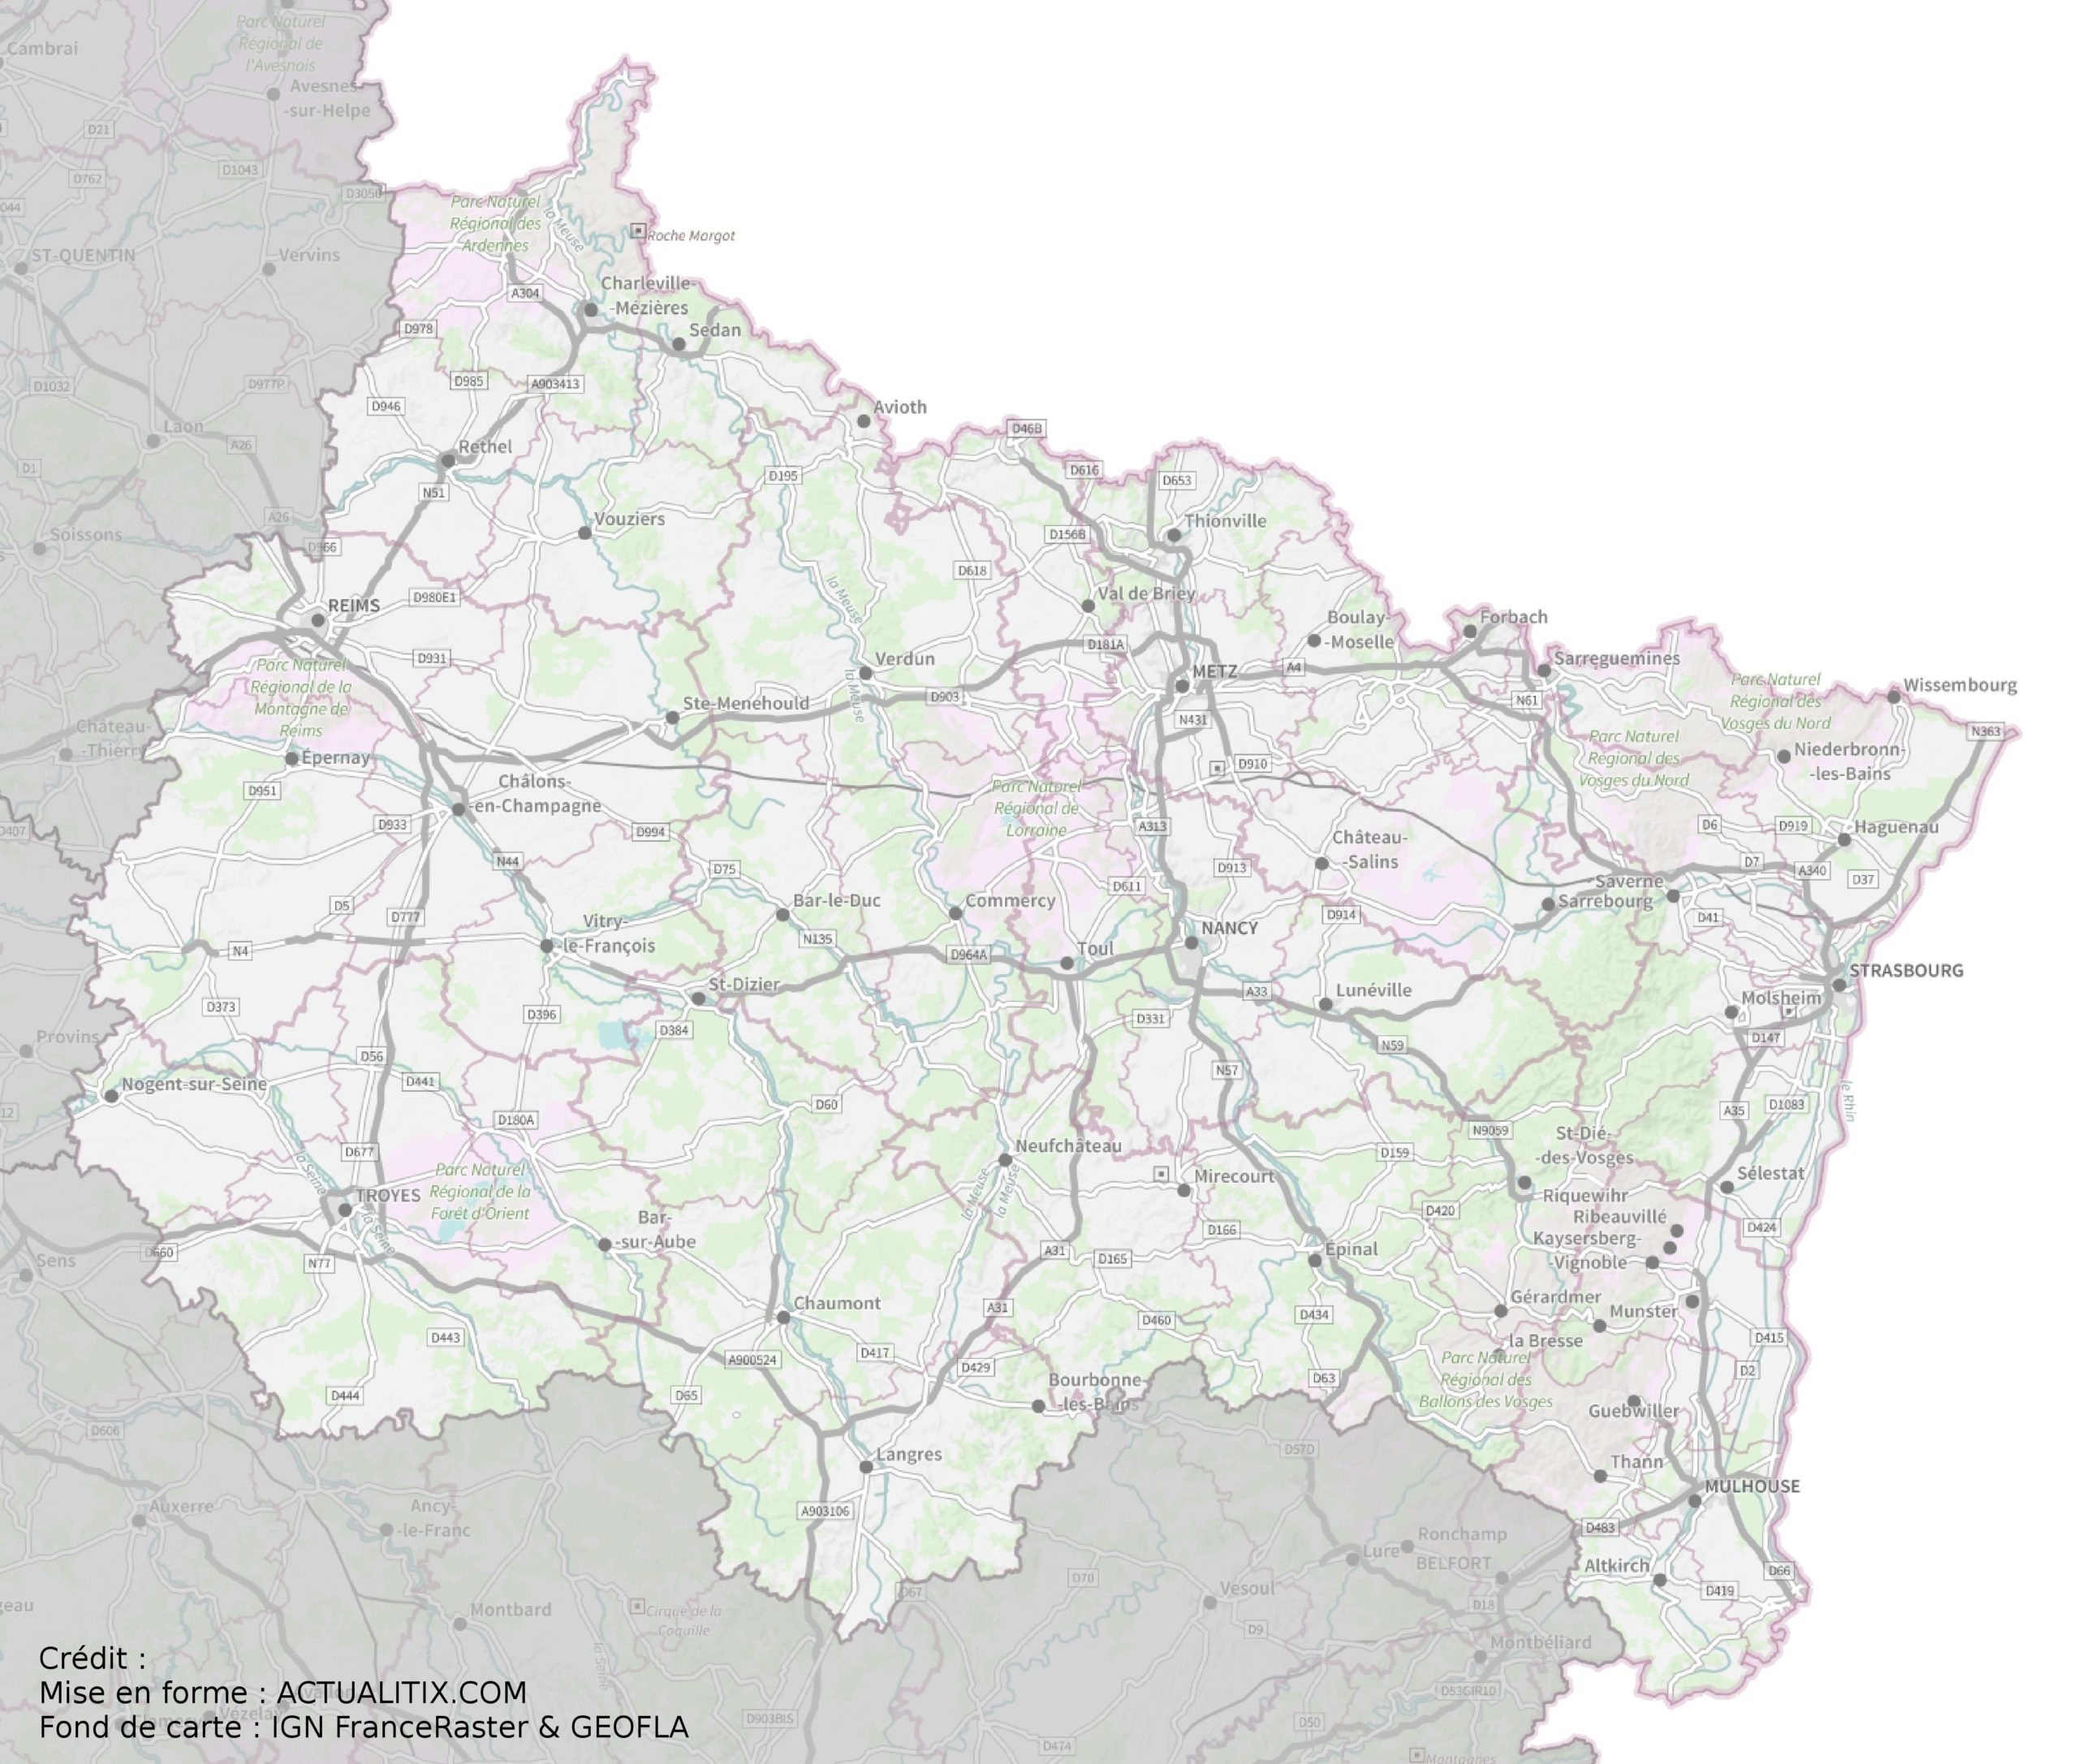 Carte Du Grand Est - Grand Est Carte Des Villes concernant Grande Carte De France À Imprimer